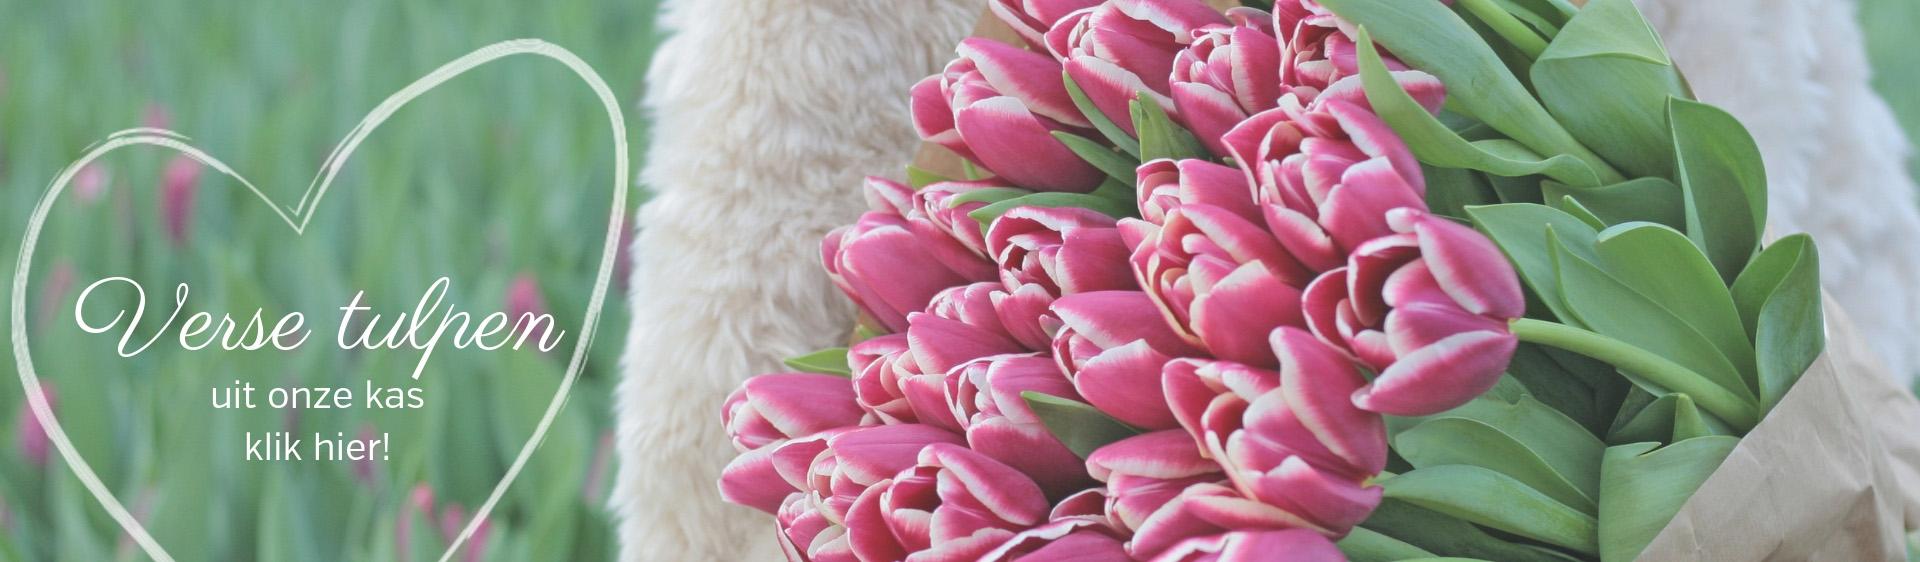 Verse tulpen uit de kas homepage banner